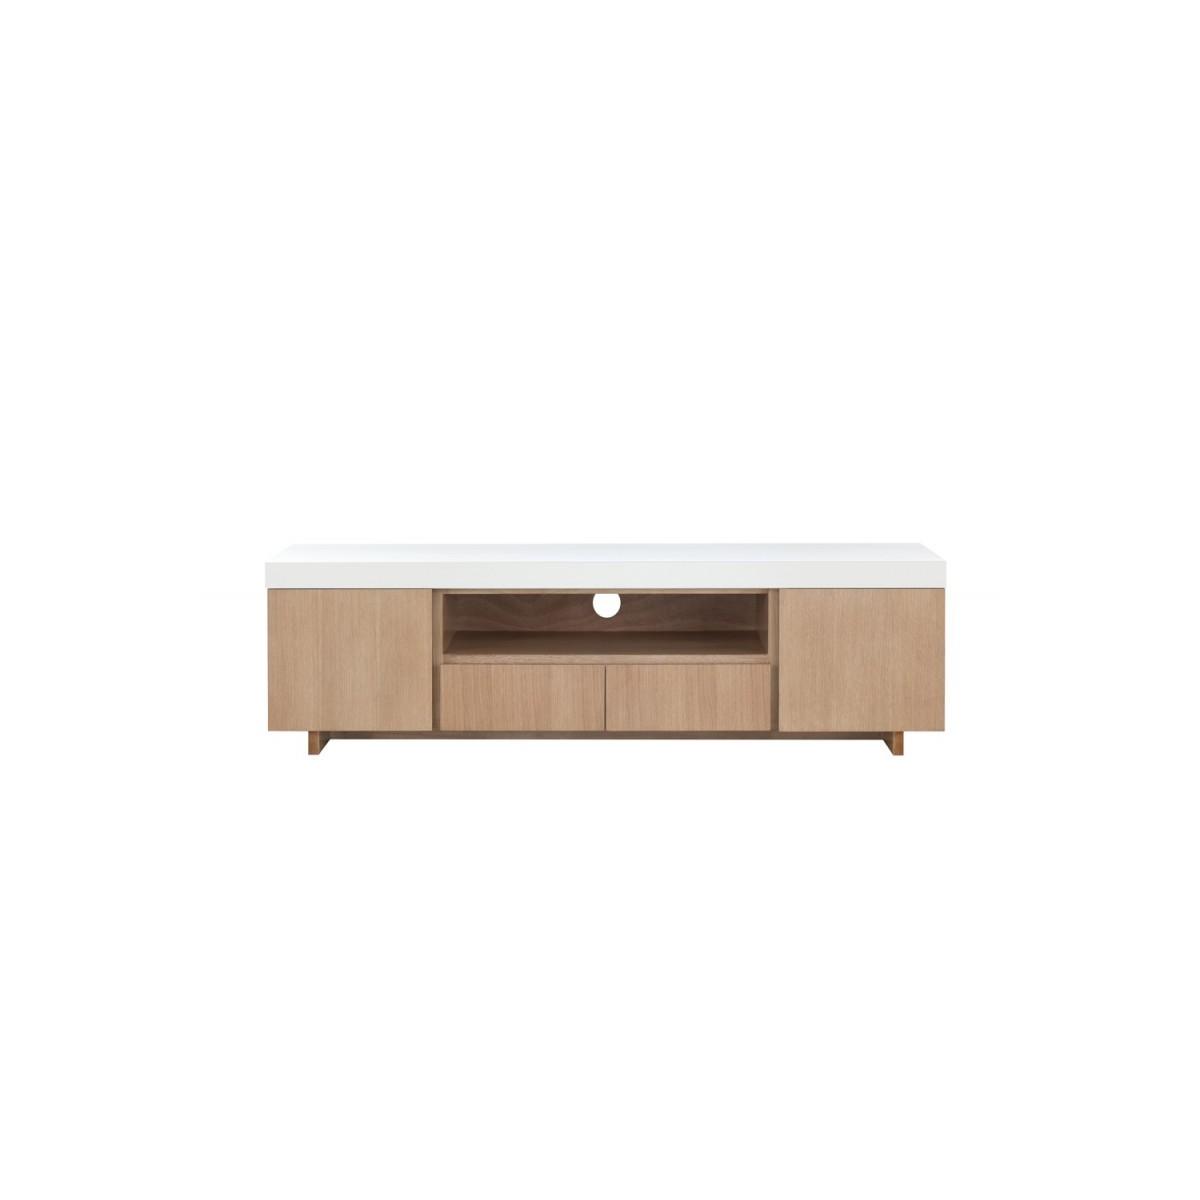 meuble tv bas 2 portes 1 niche 2 tiroirs contemporain et design emma en bois 170 cm chene clair blanc amp story 5435